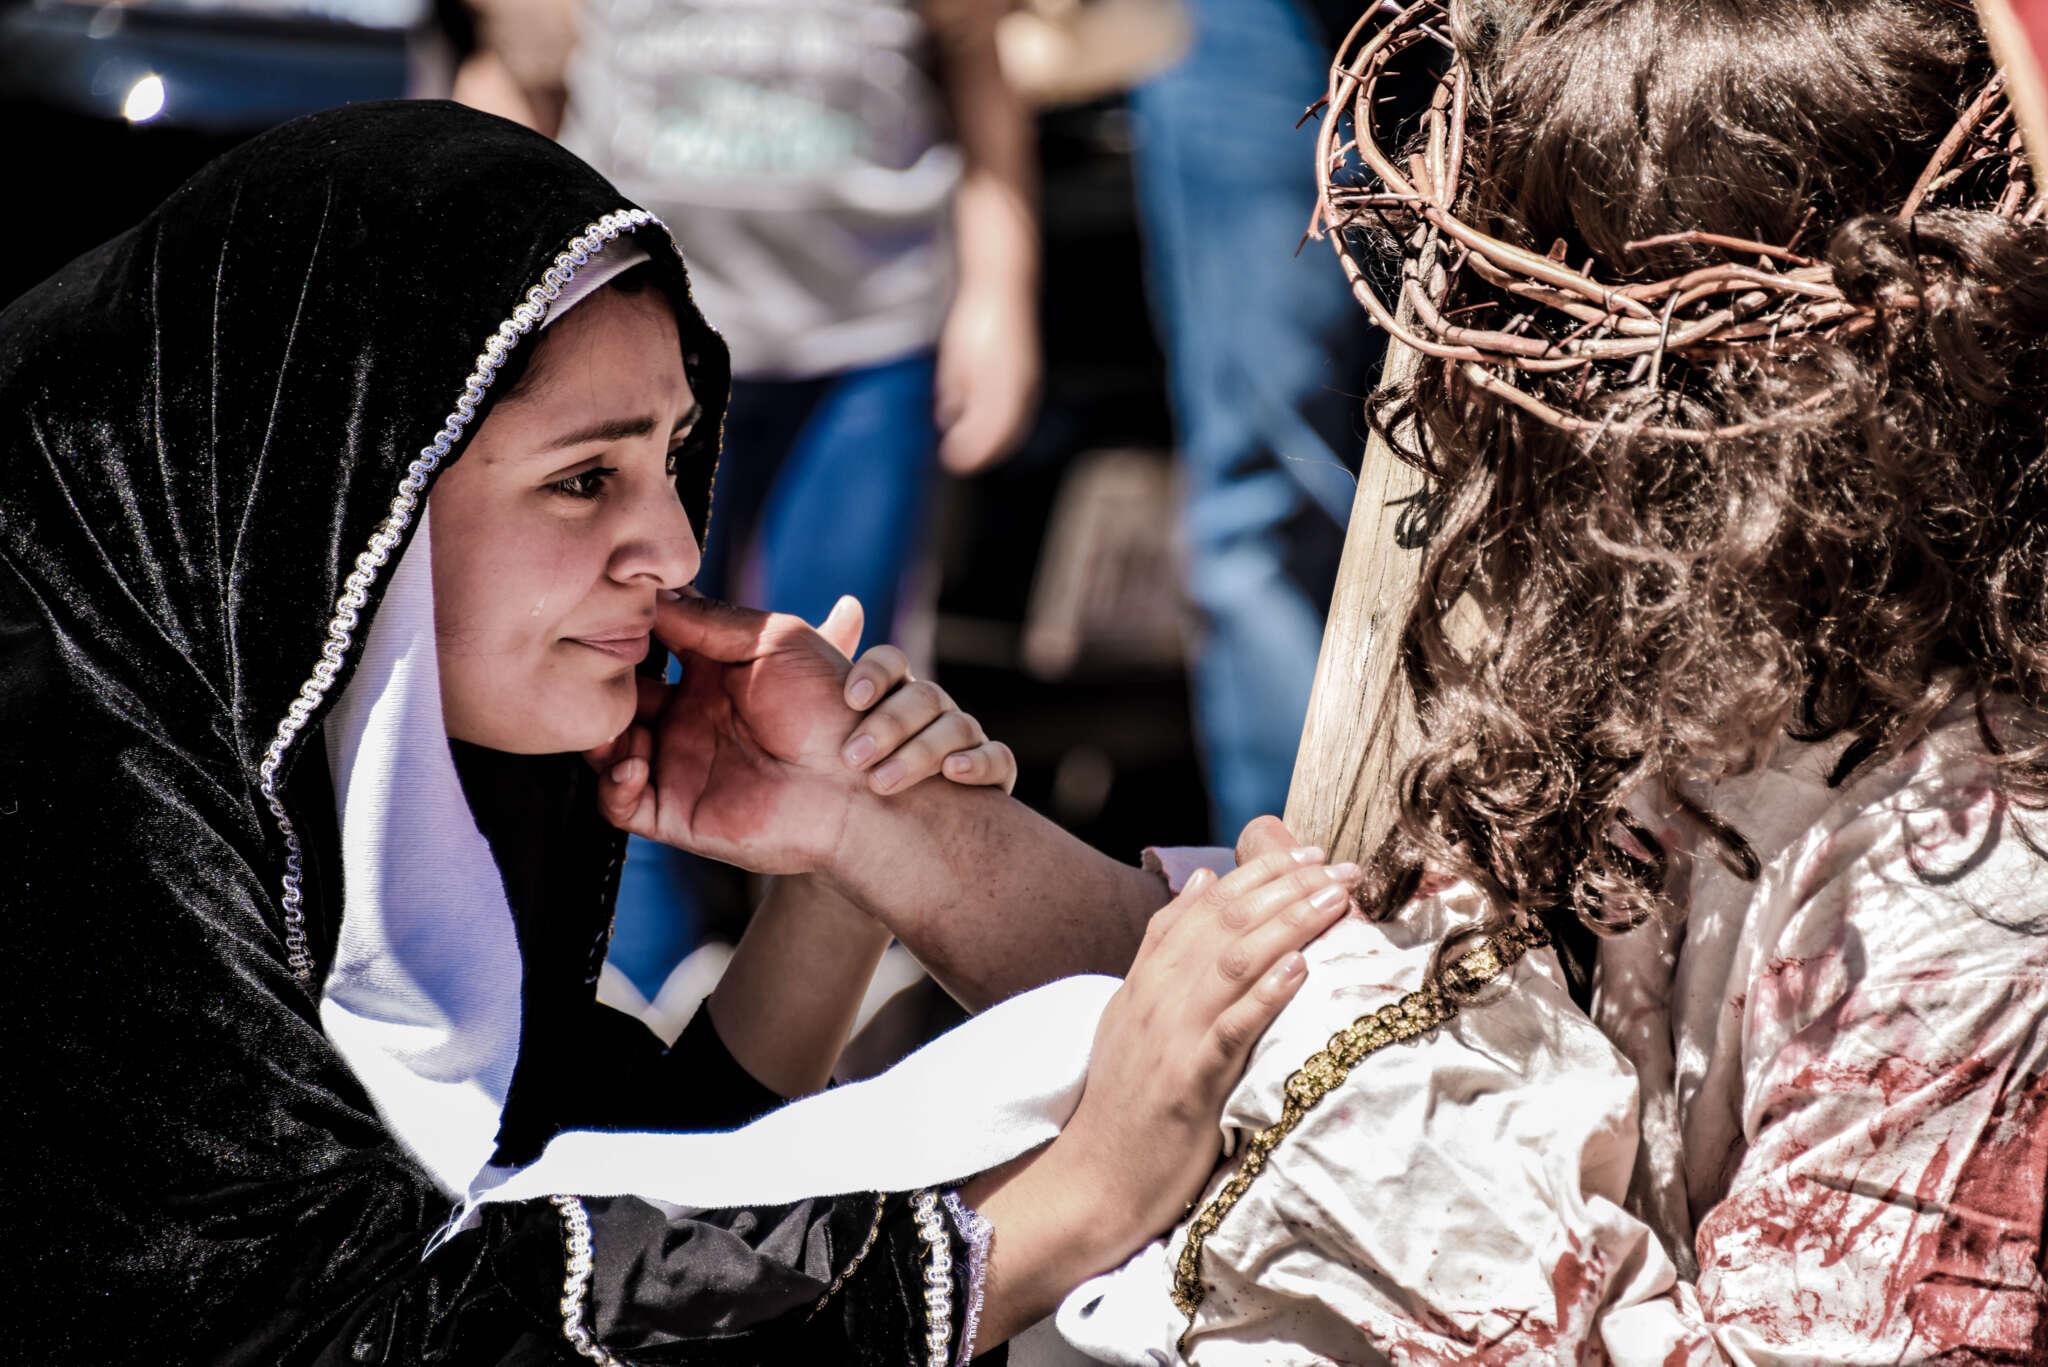 El Viernes Santo recordamos la Pasión y la muerte de Cristo en la Cruz. Aunque parezca paradójico la muerte forma parte de la Buena Noticia de Jesús.